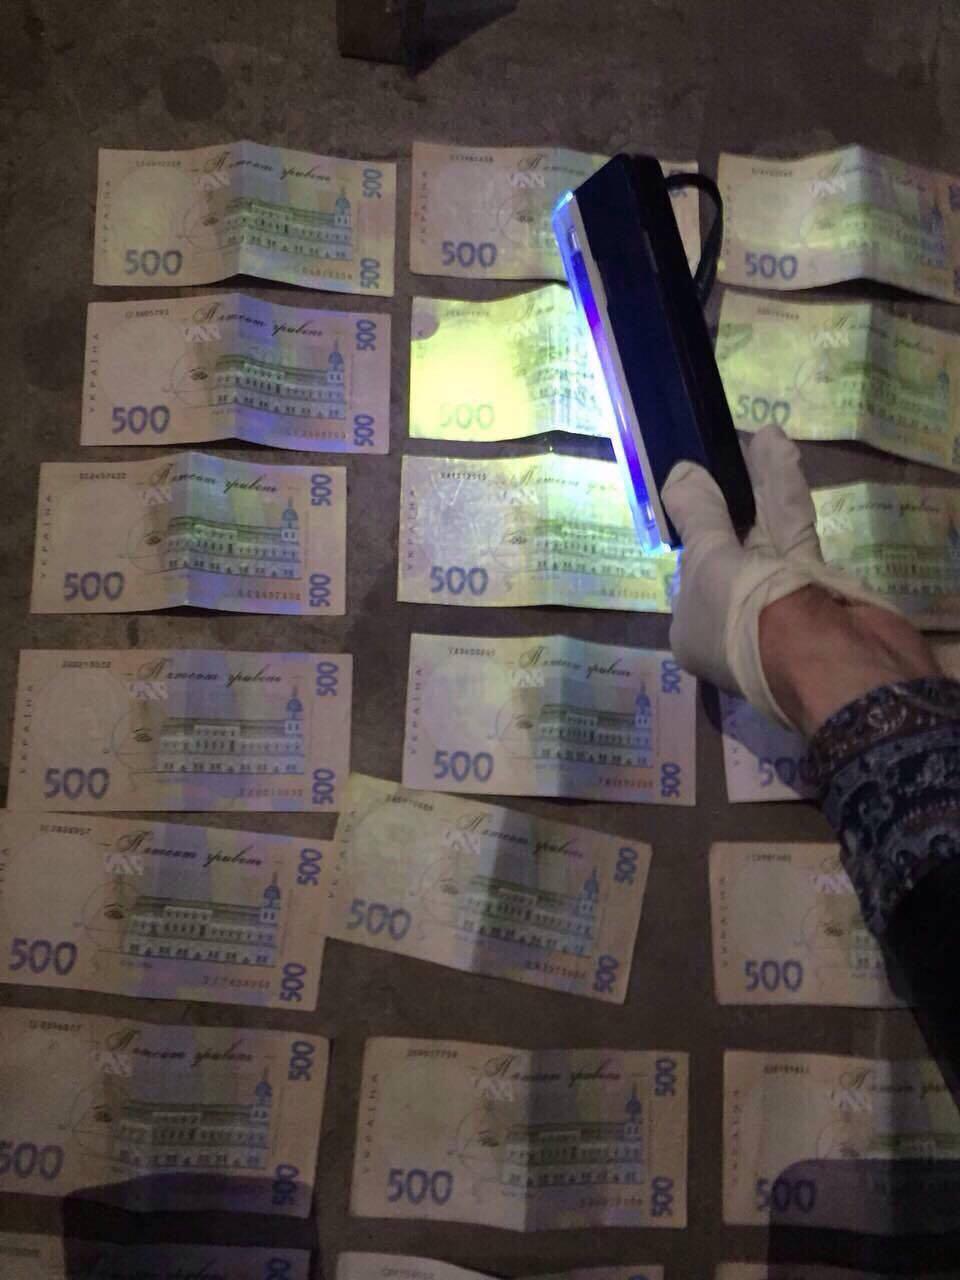 В Киеве на взятке задержаны чиновники научного института: фото